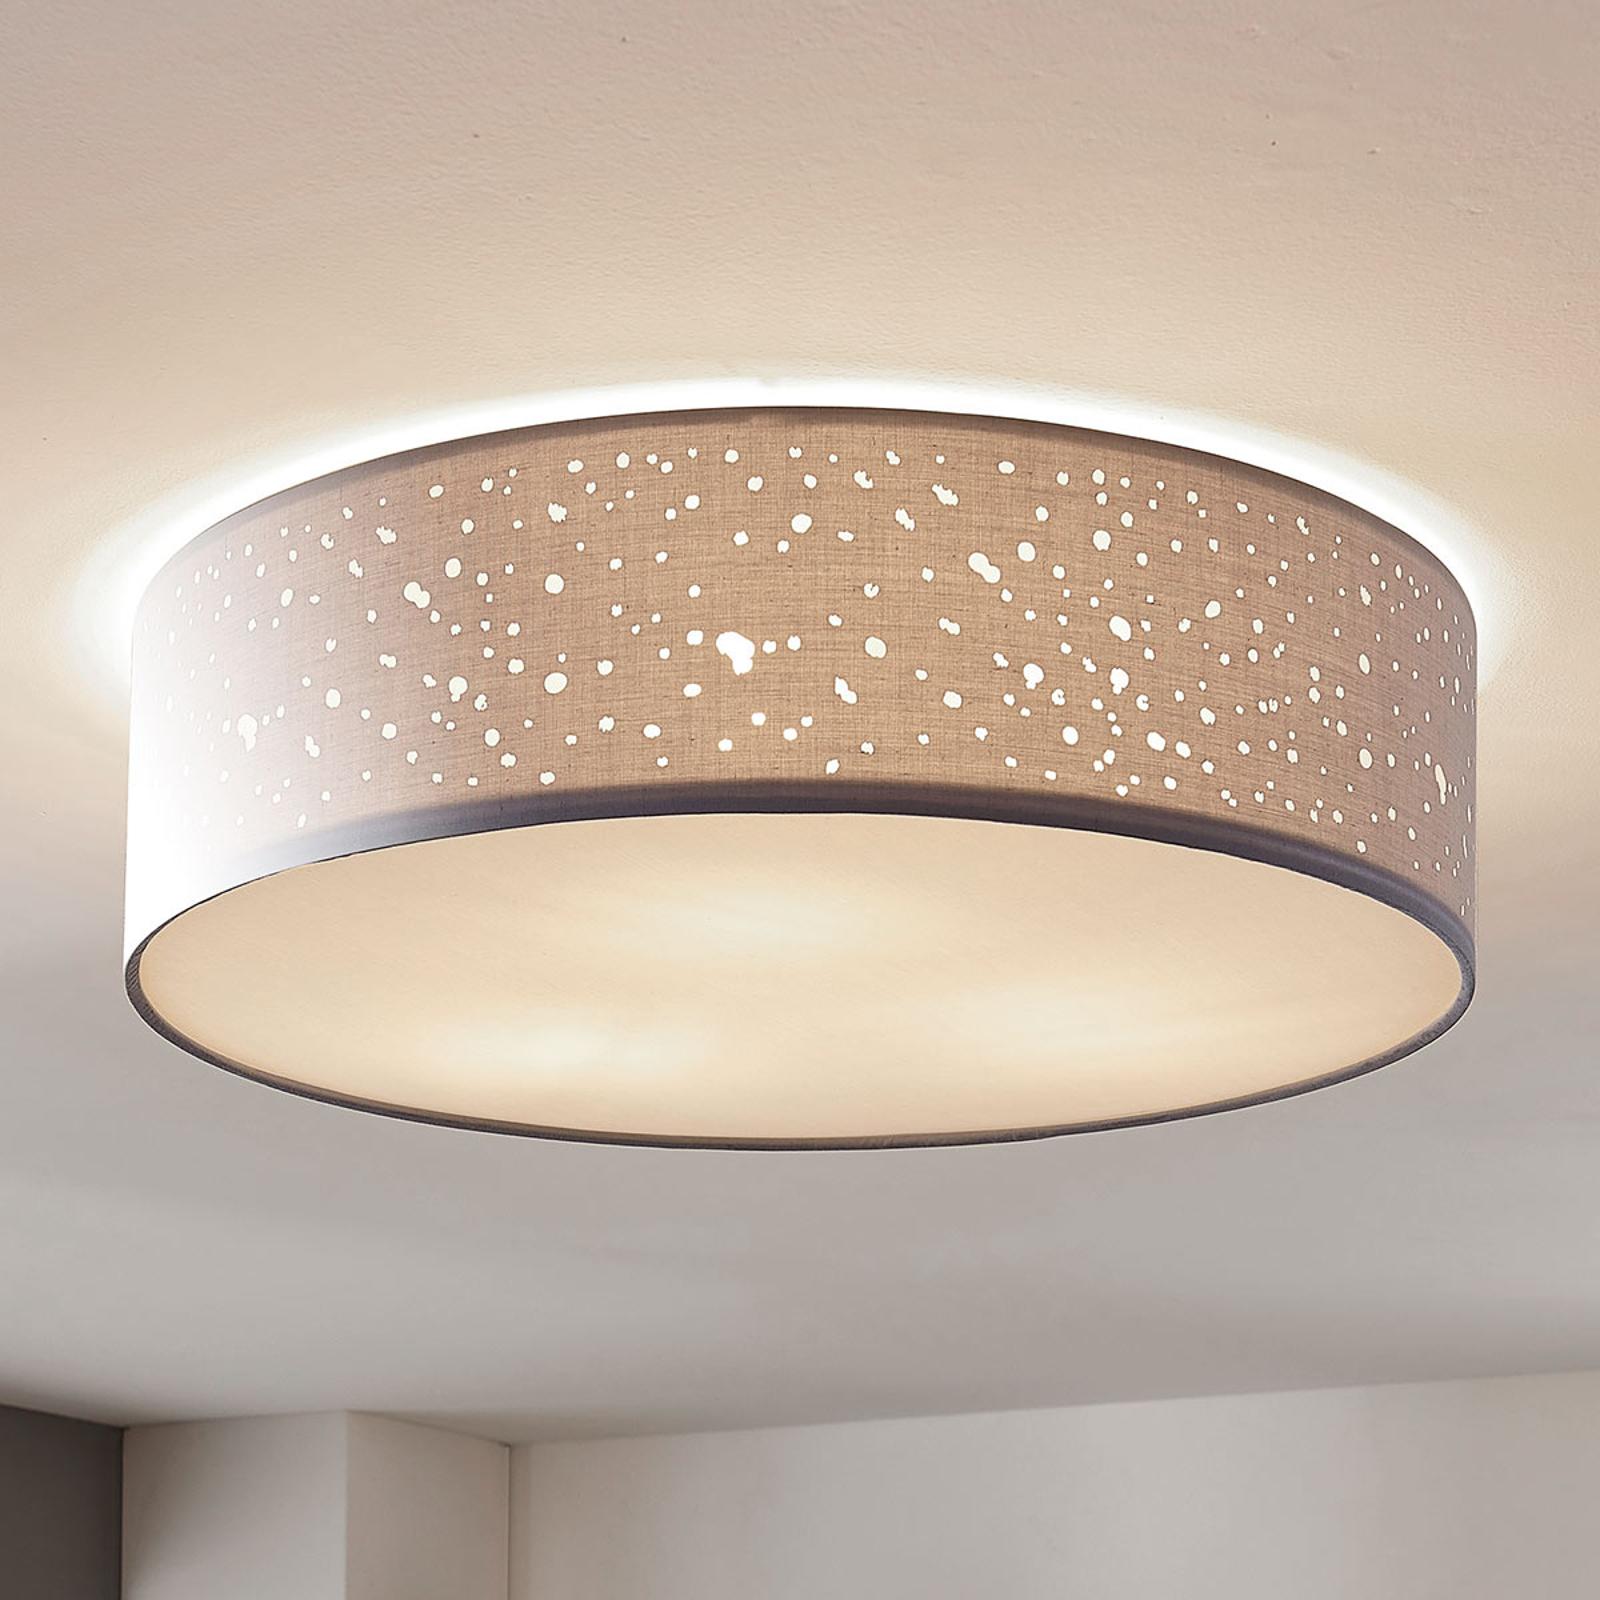 Stropní svítilna Umma, přímo na stropě, šedá